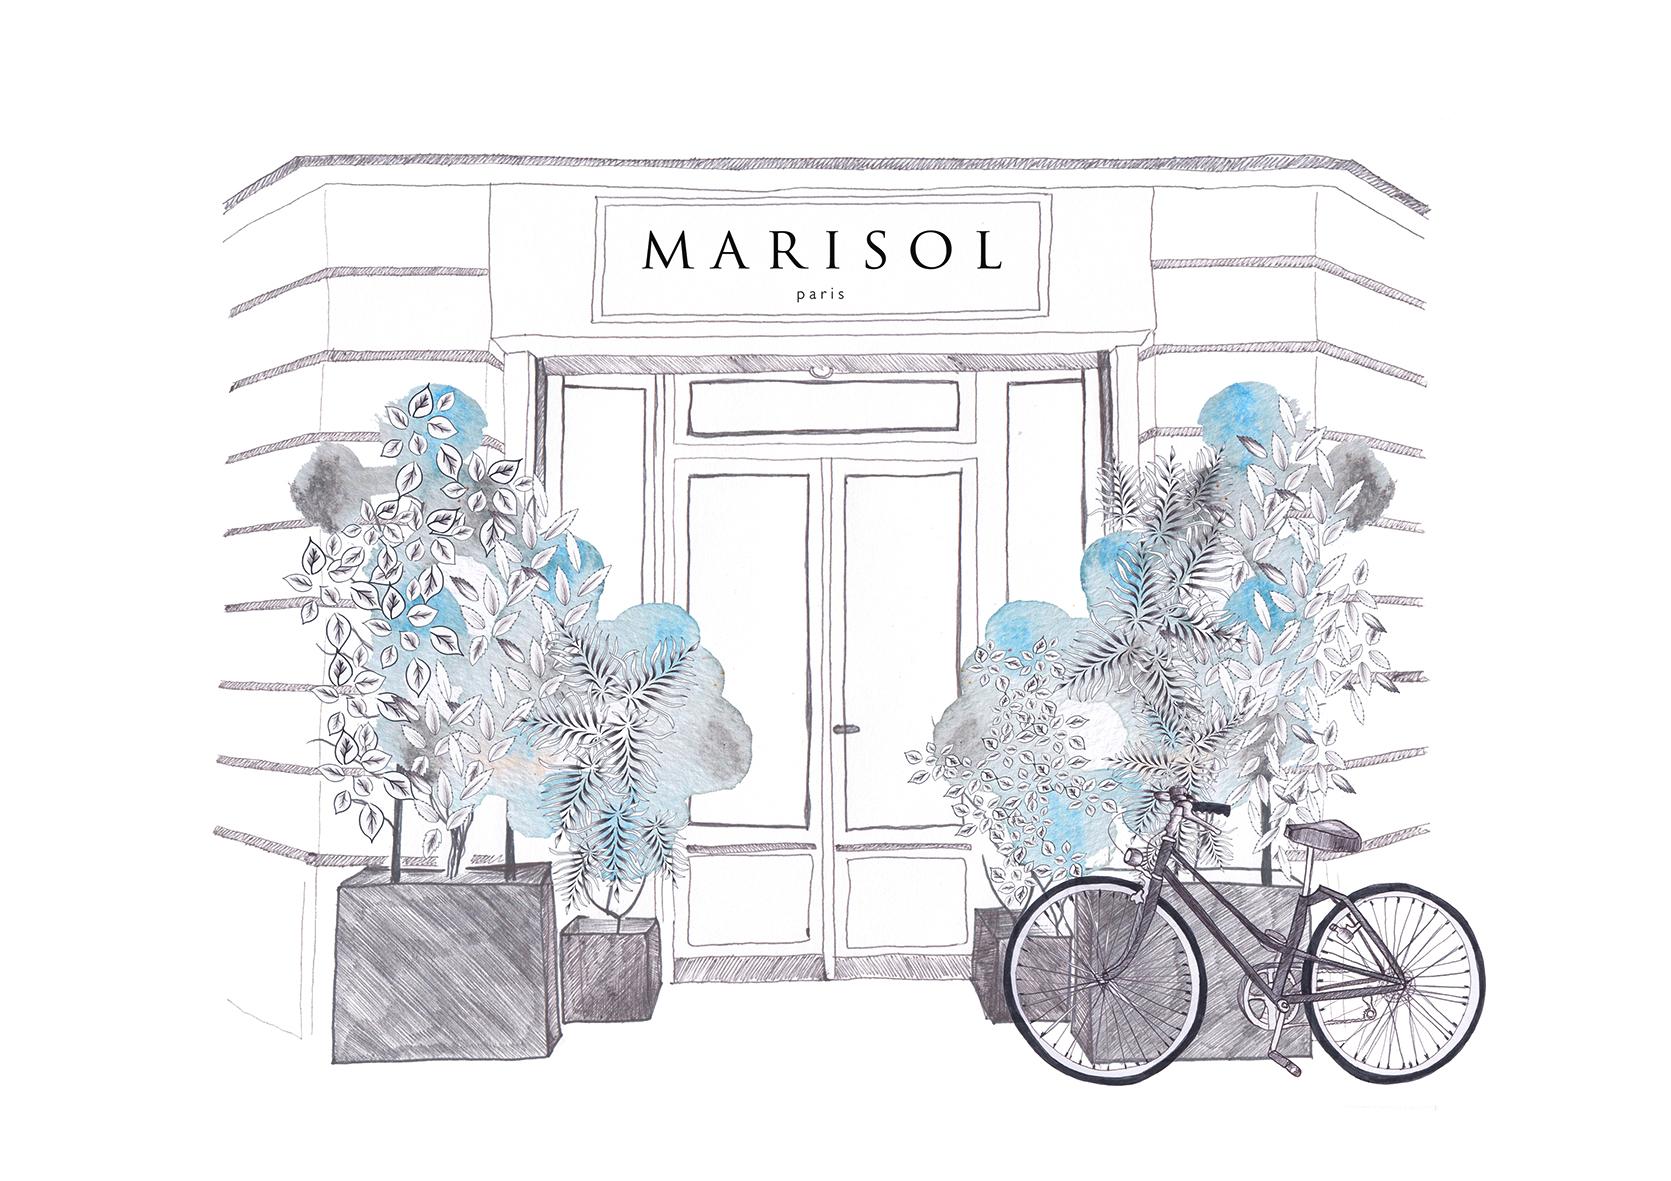 Marisol Paris